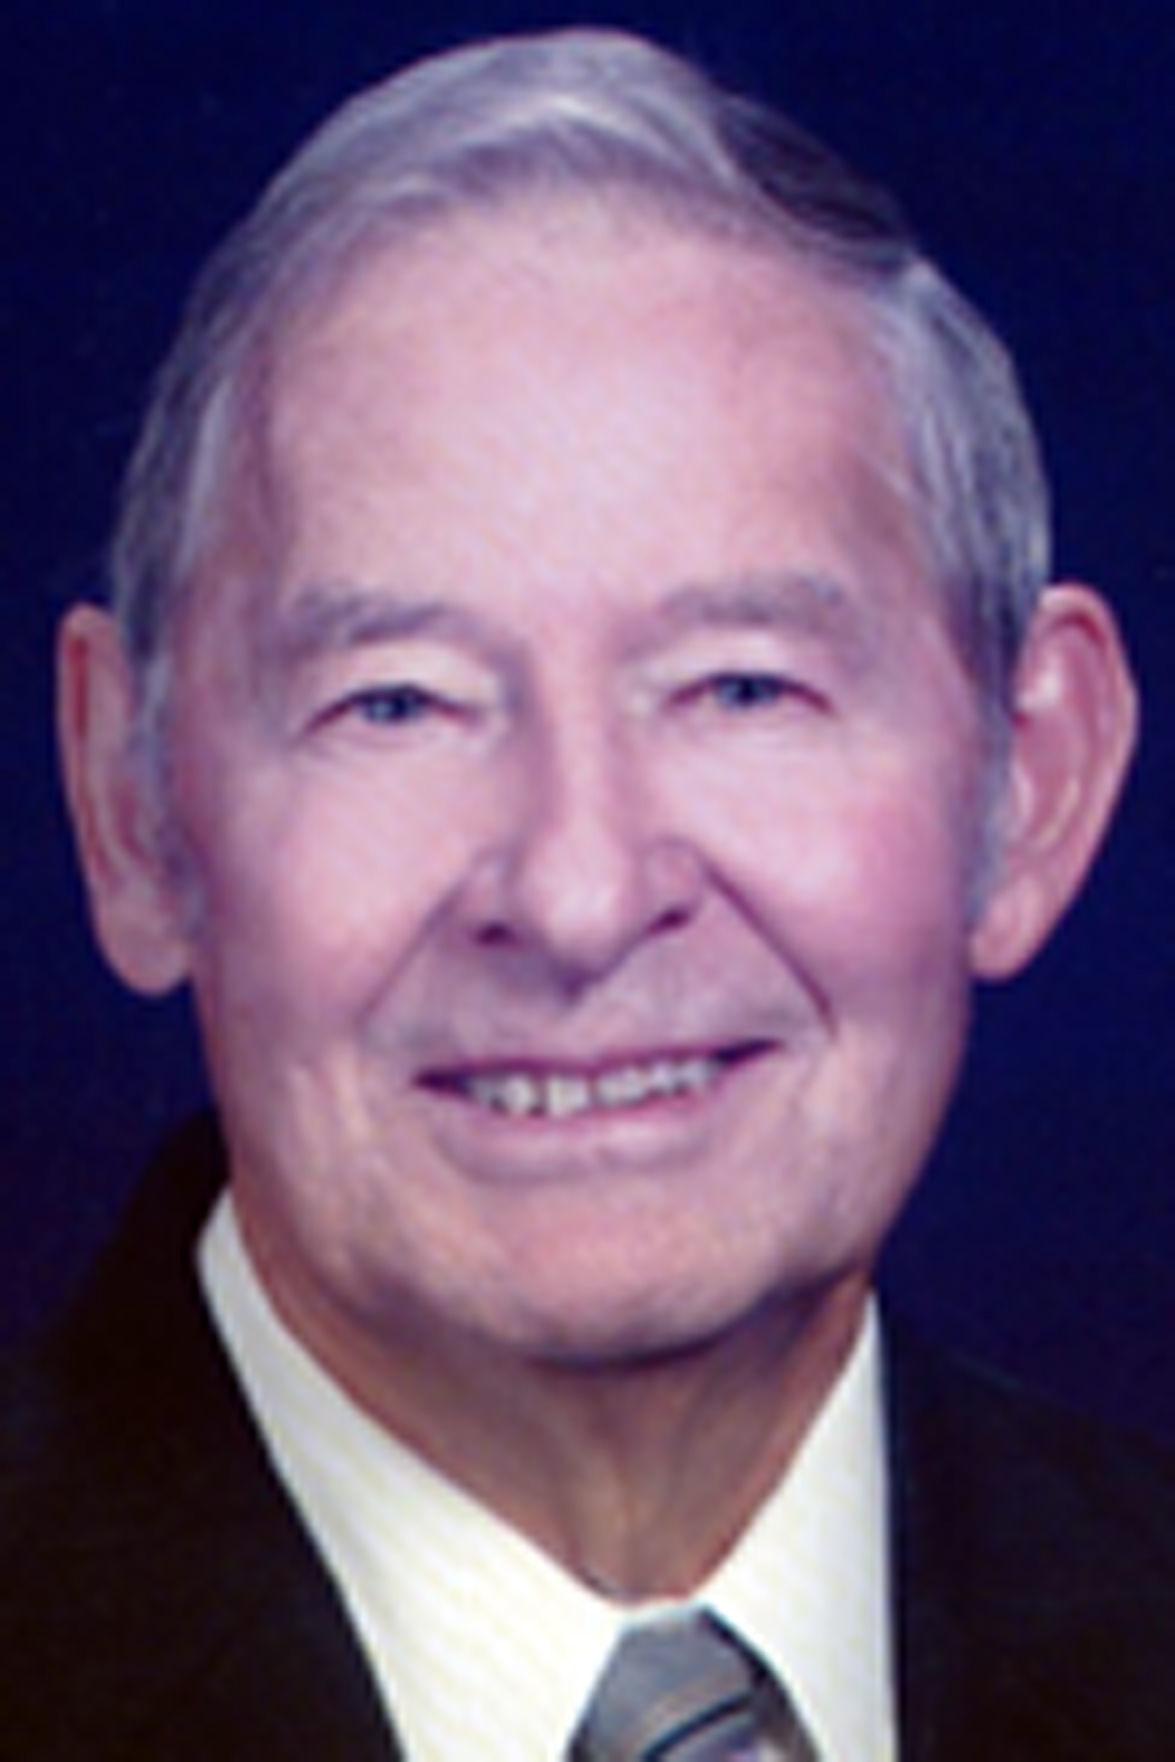 Gerald Kamm